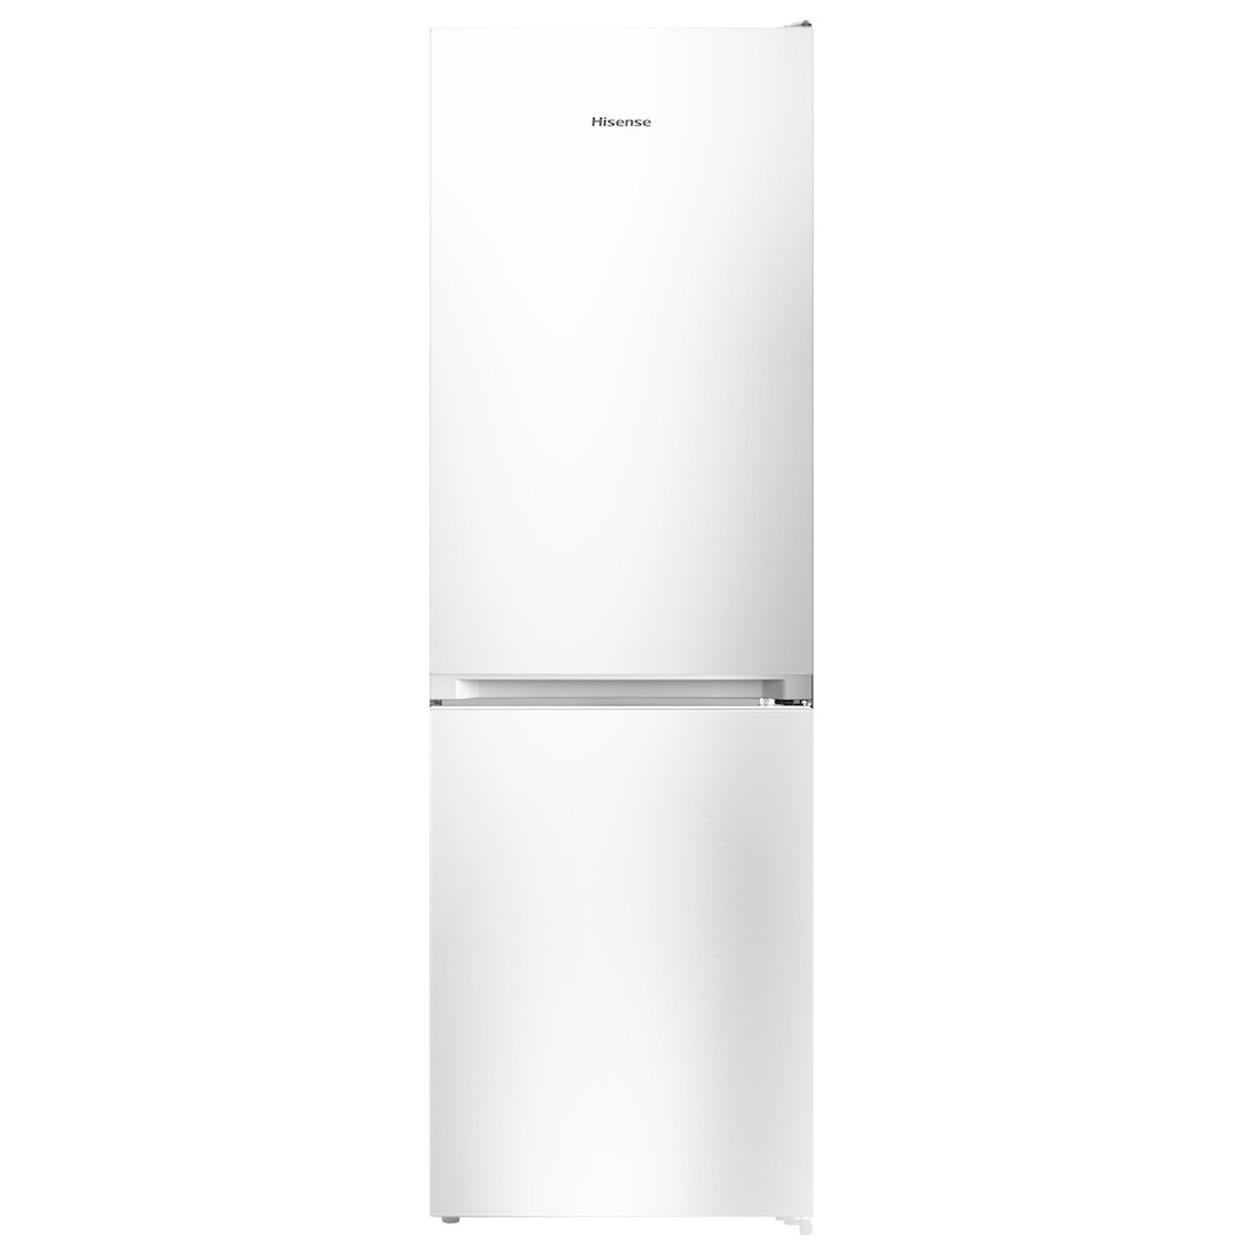 Hisense koelkast met vriesvak RB400N4EW2 - Prijsvergelijk